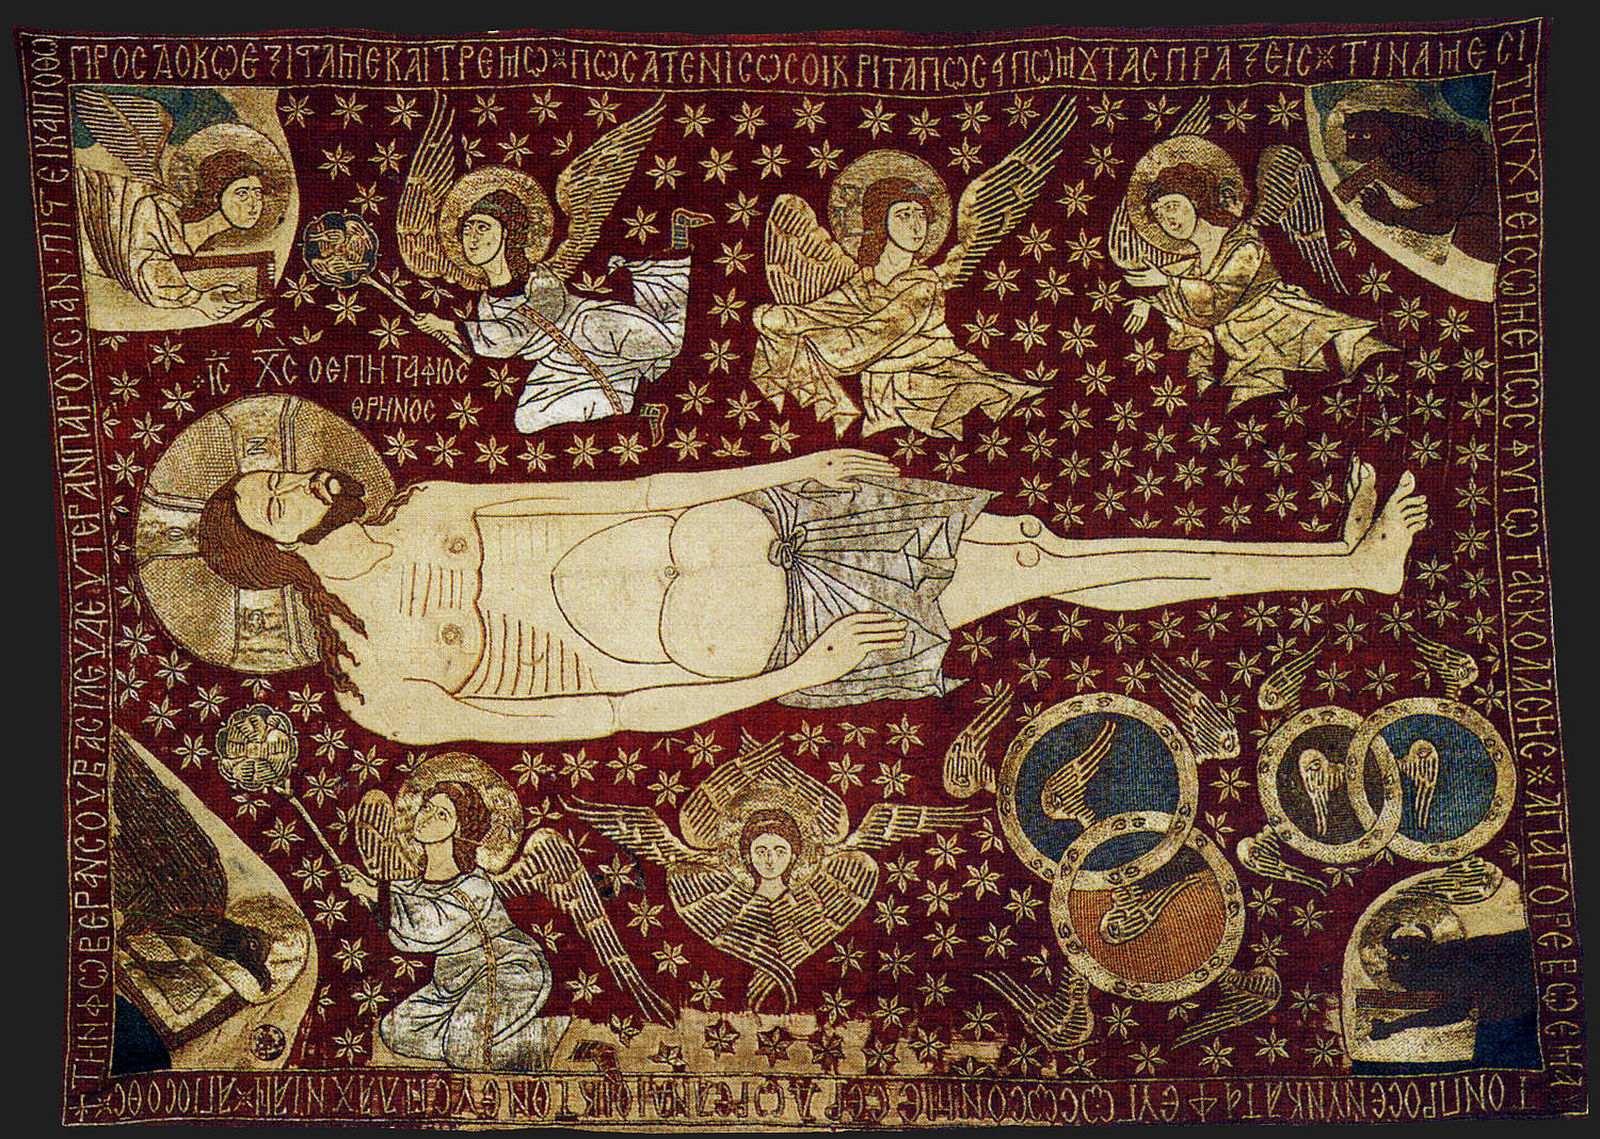 """Византийская плащаница """"Христос в окружении ангельских сил"""". XIV в. Монастырь Преображения Господня, Метеоры, Греция"""